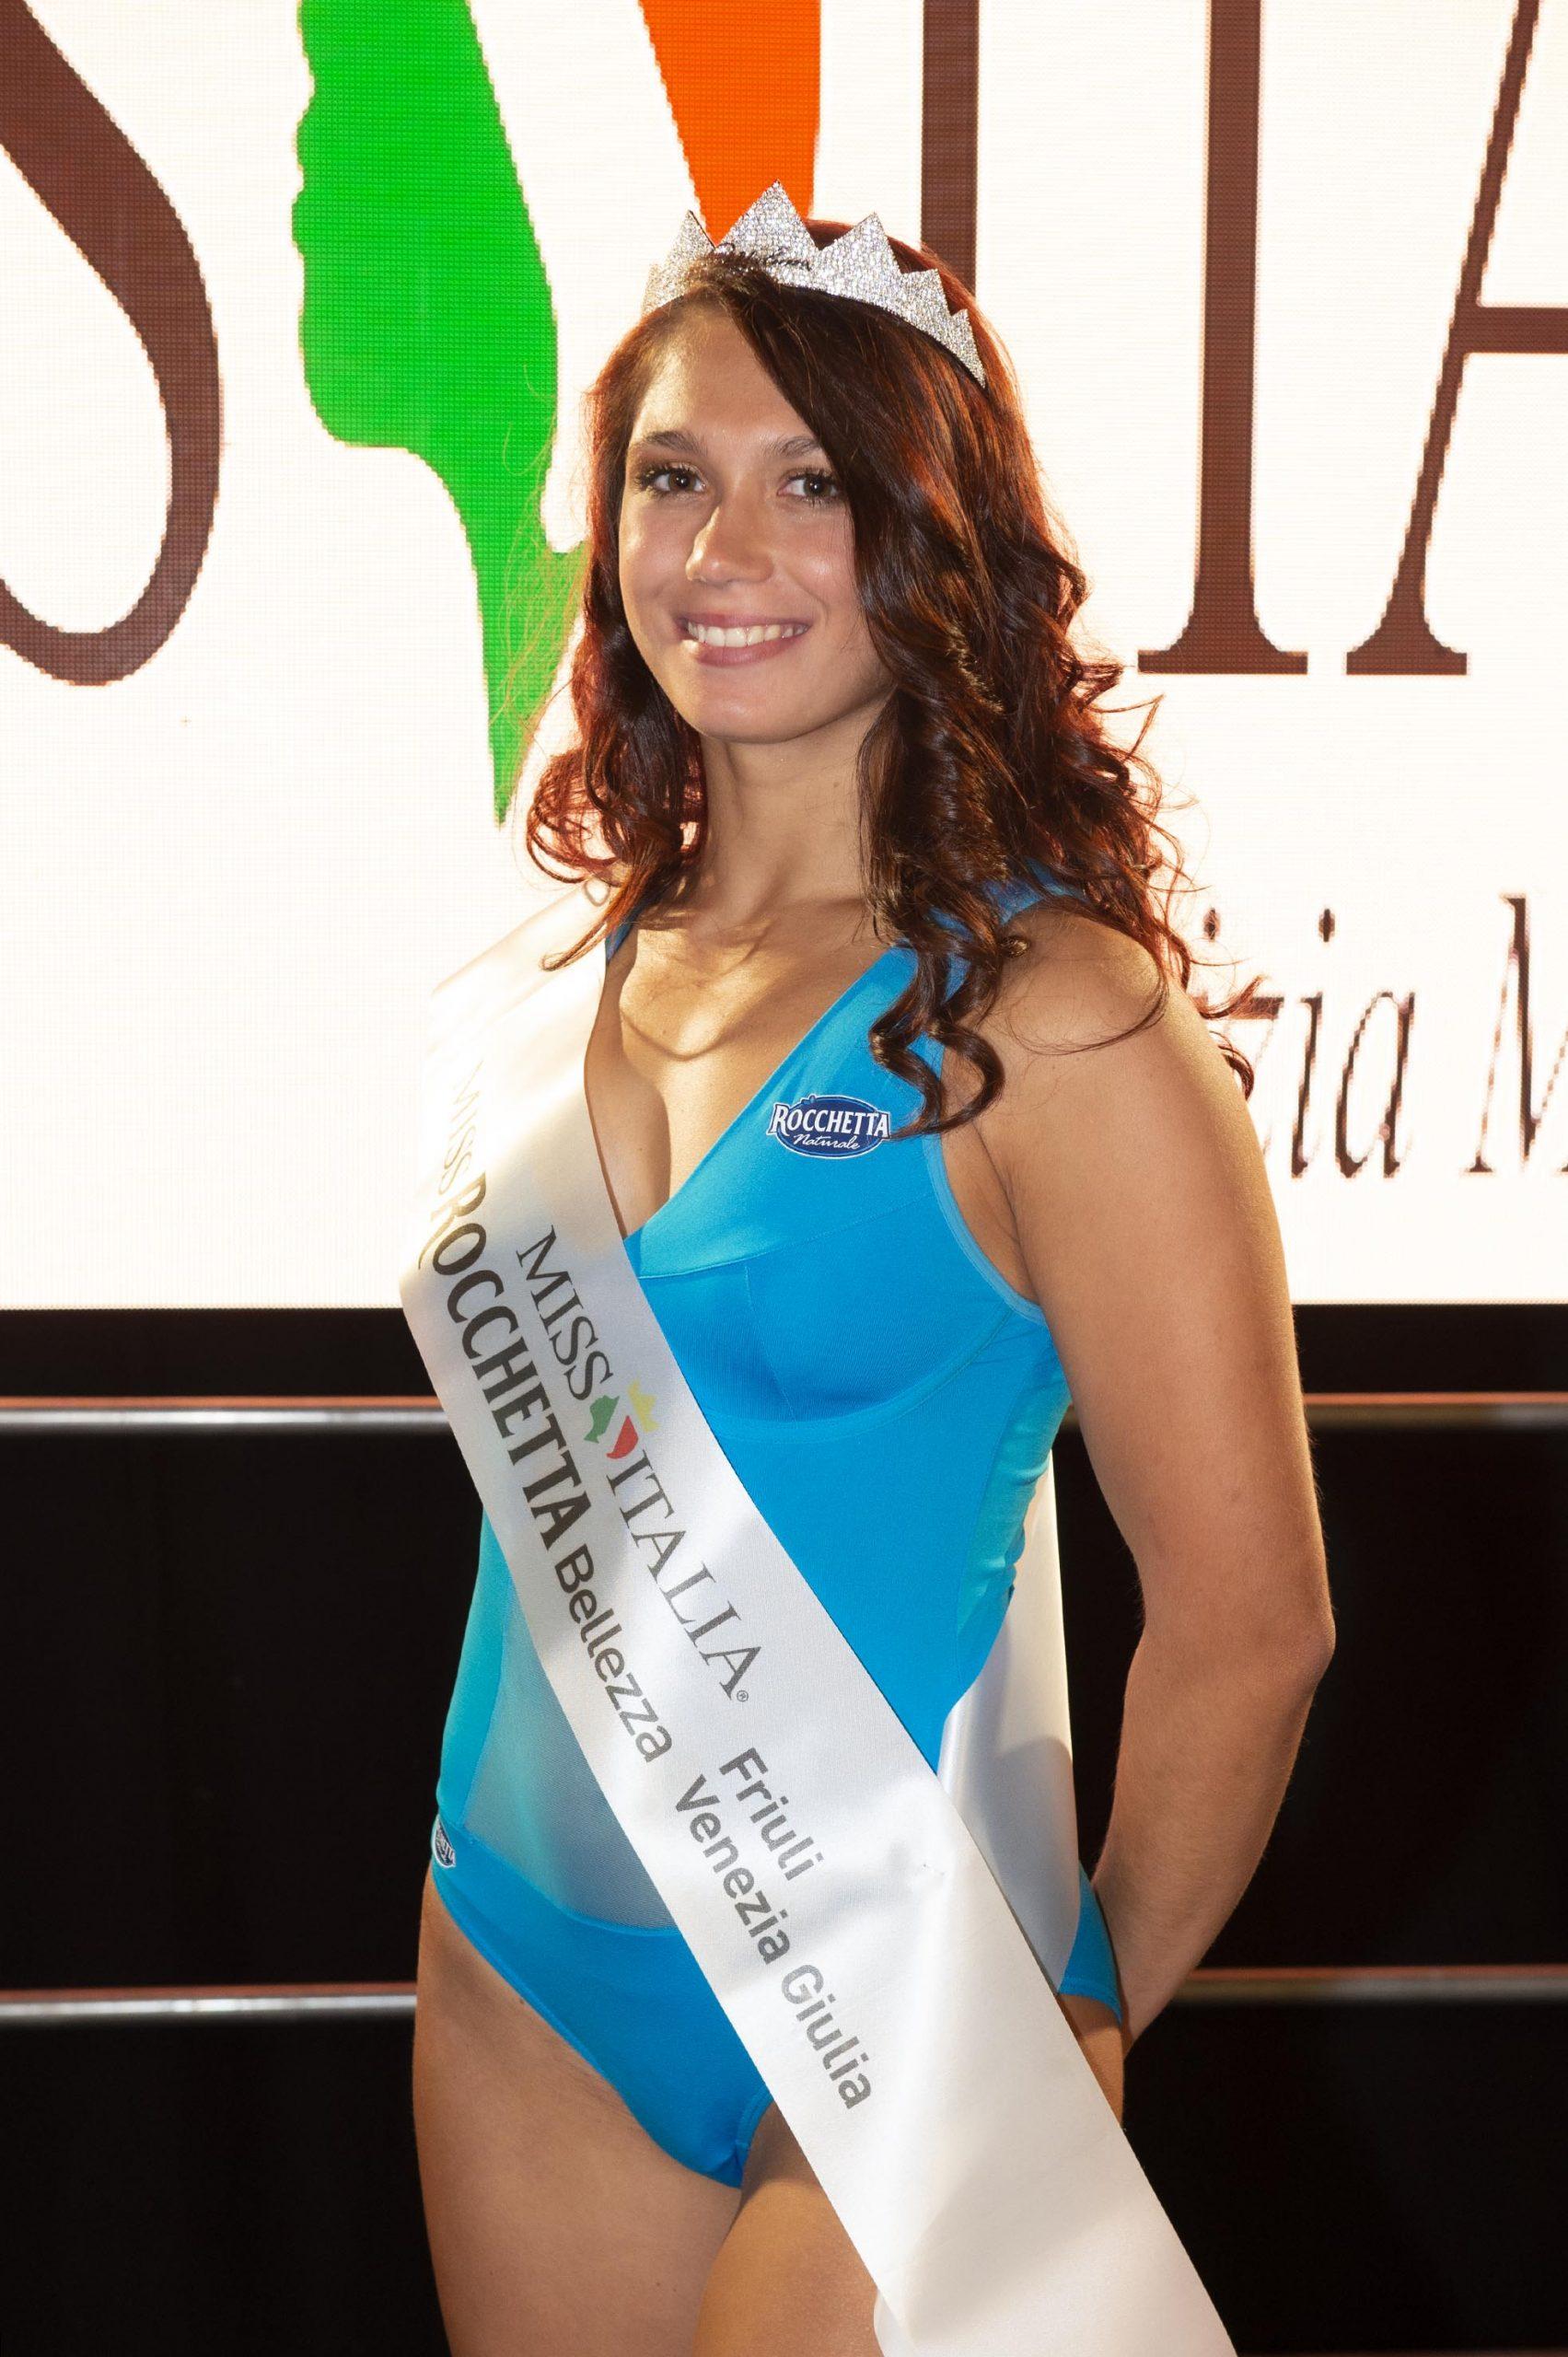 Sanja Zagar